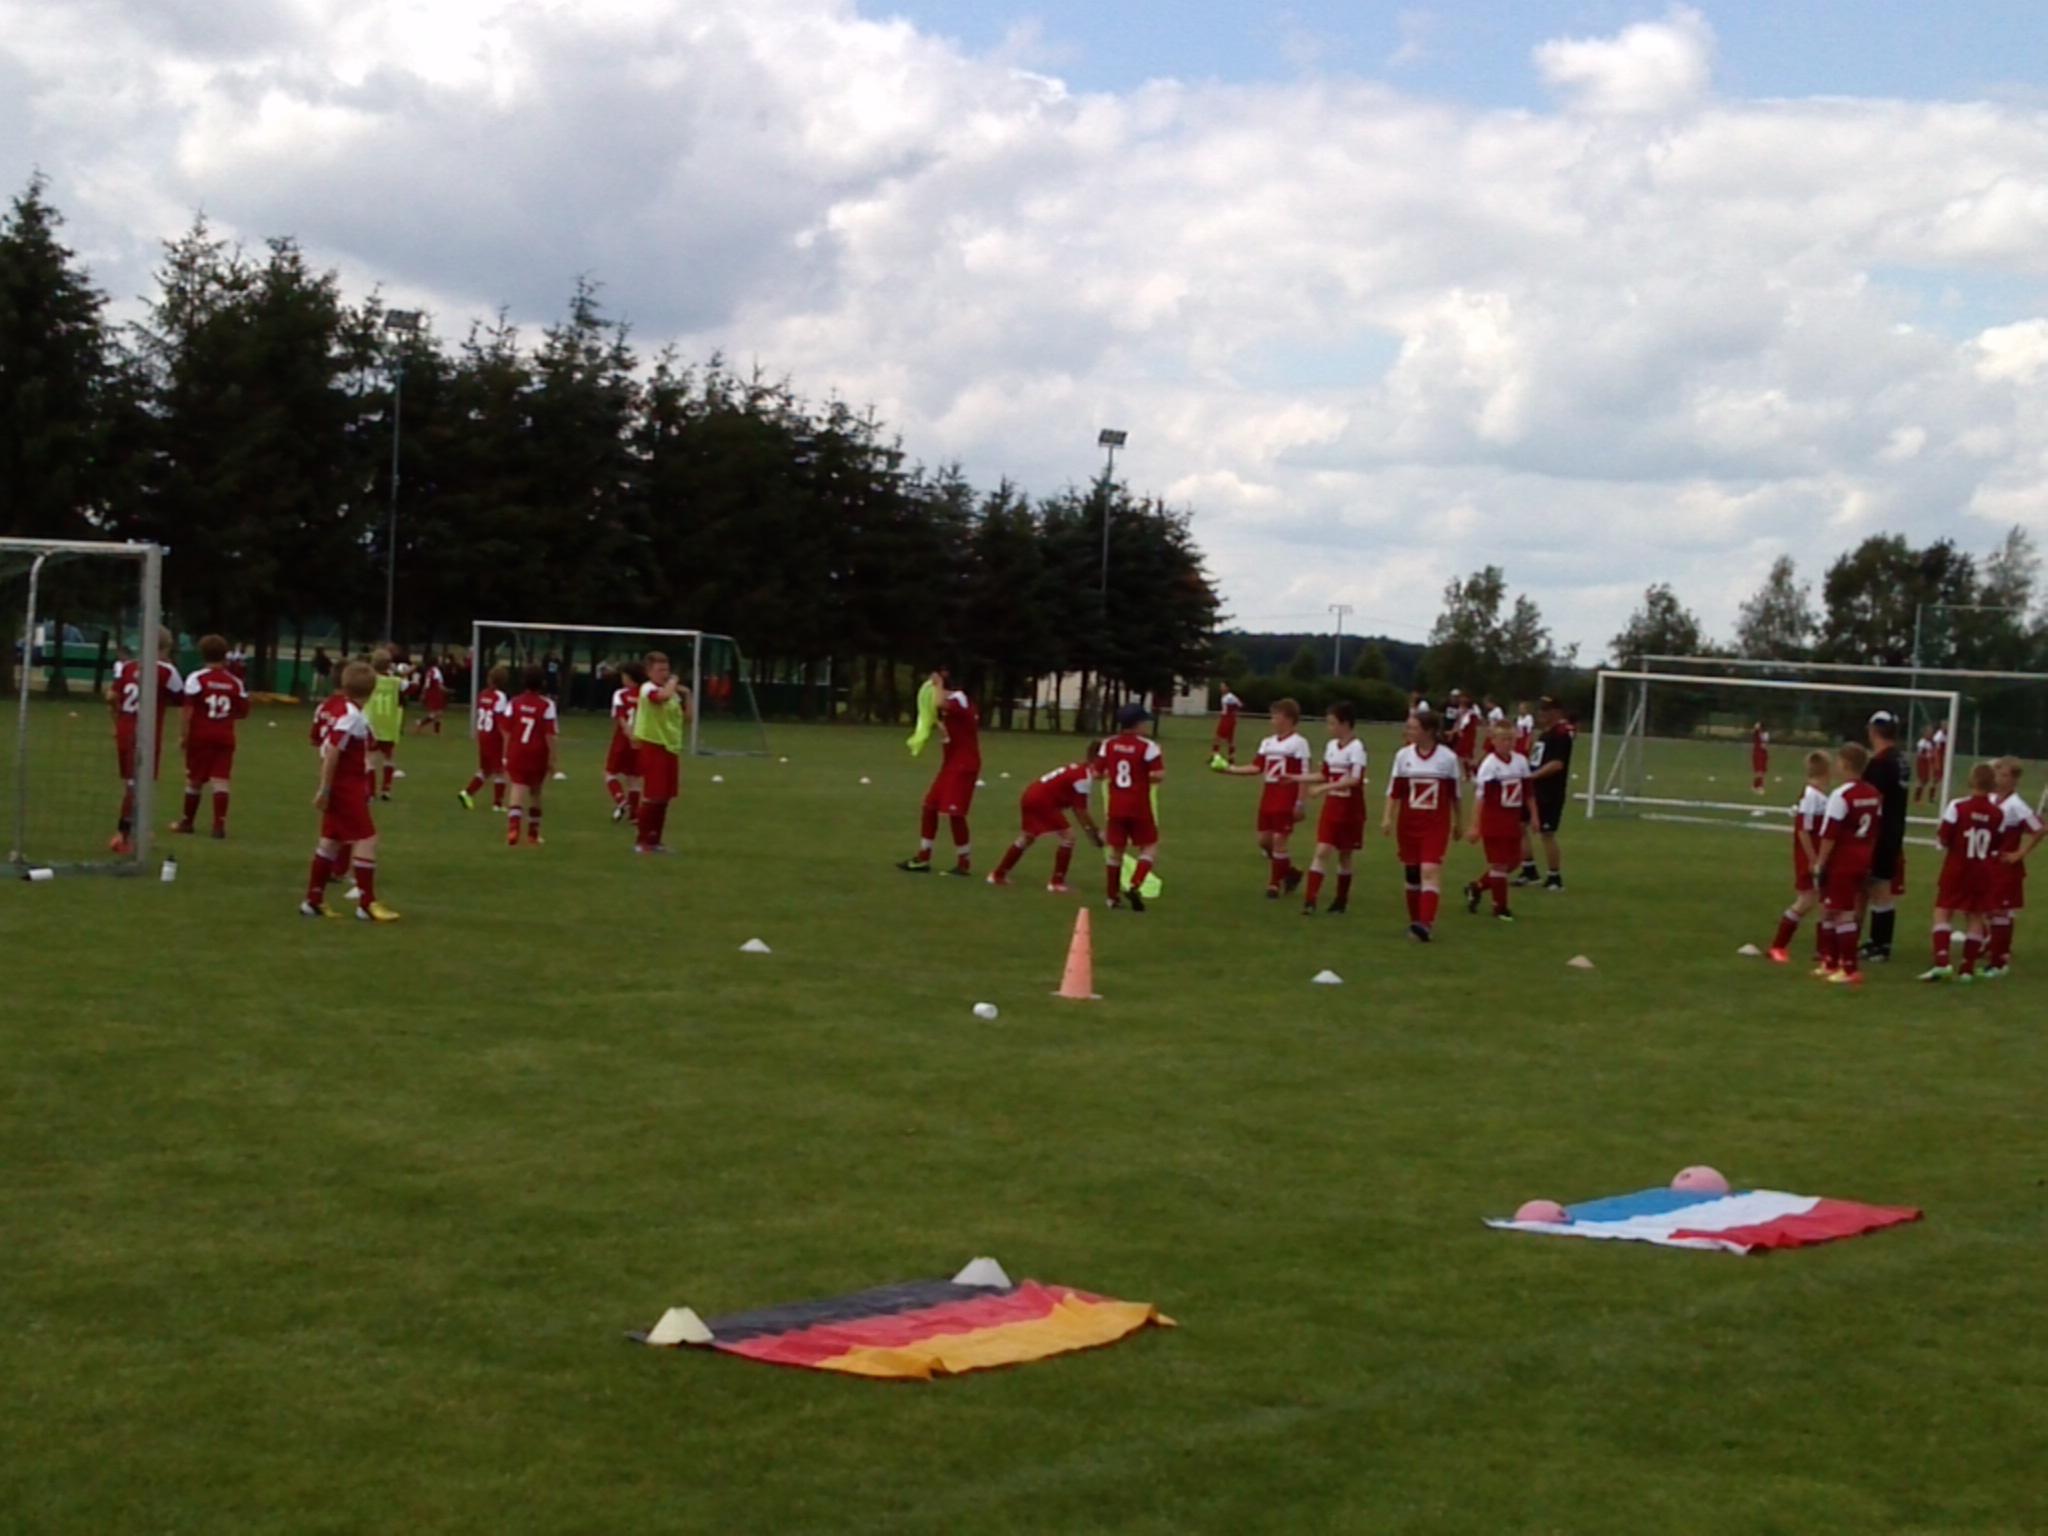 Laenderspiele-beim-Blumenthaler-Fussballcamp-2013